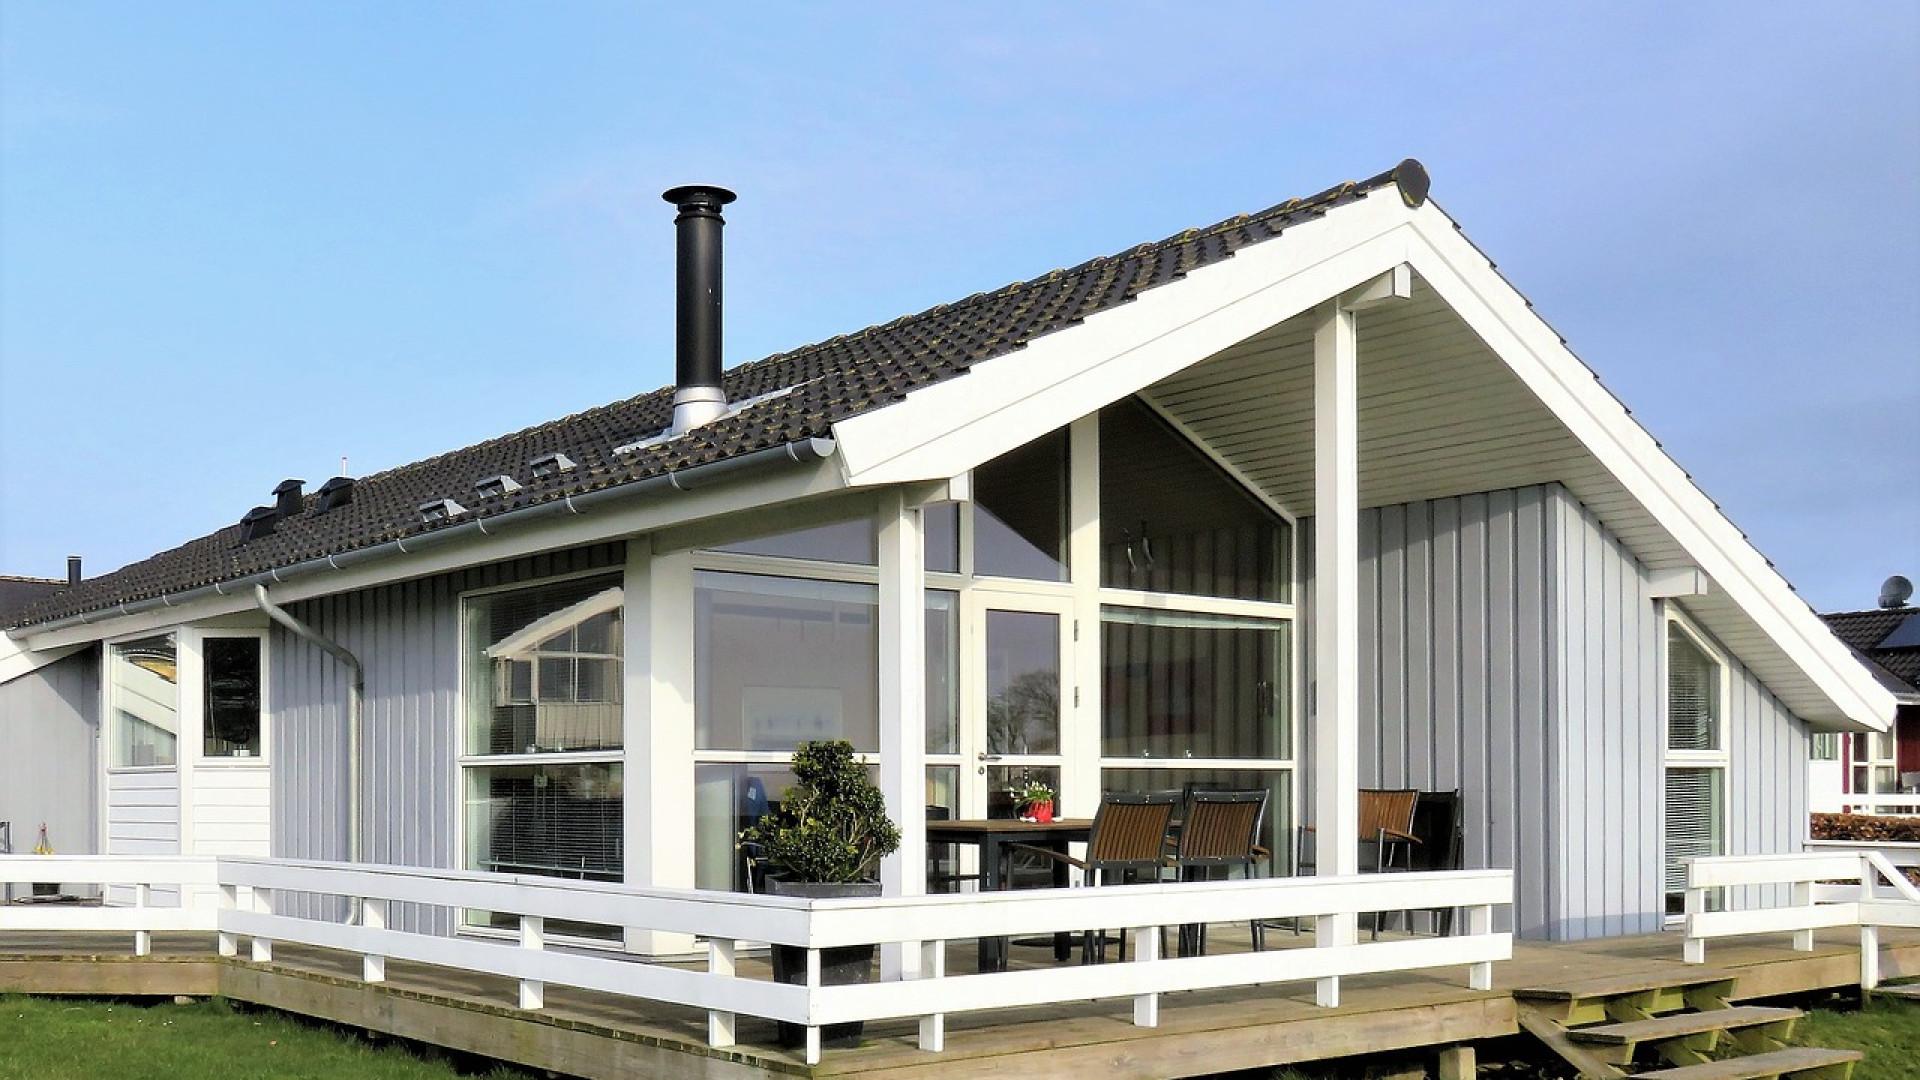 2350bf80983adb32e9601ba7c97c7128 - Faire dans l'originalité avec une maison en bois